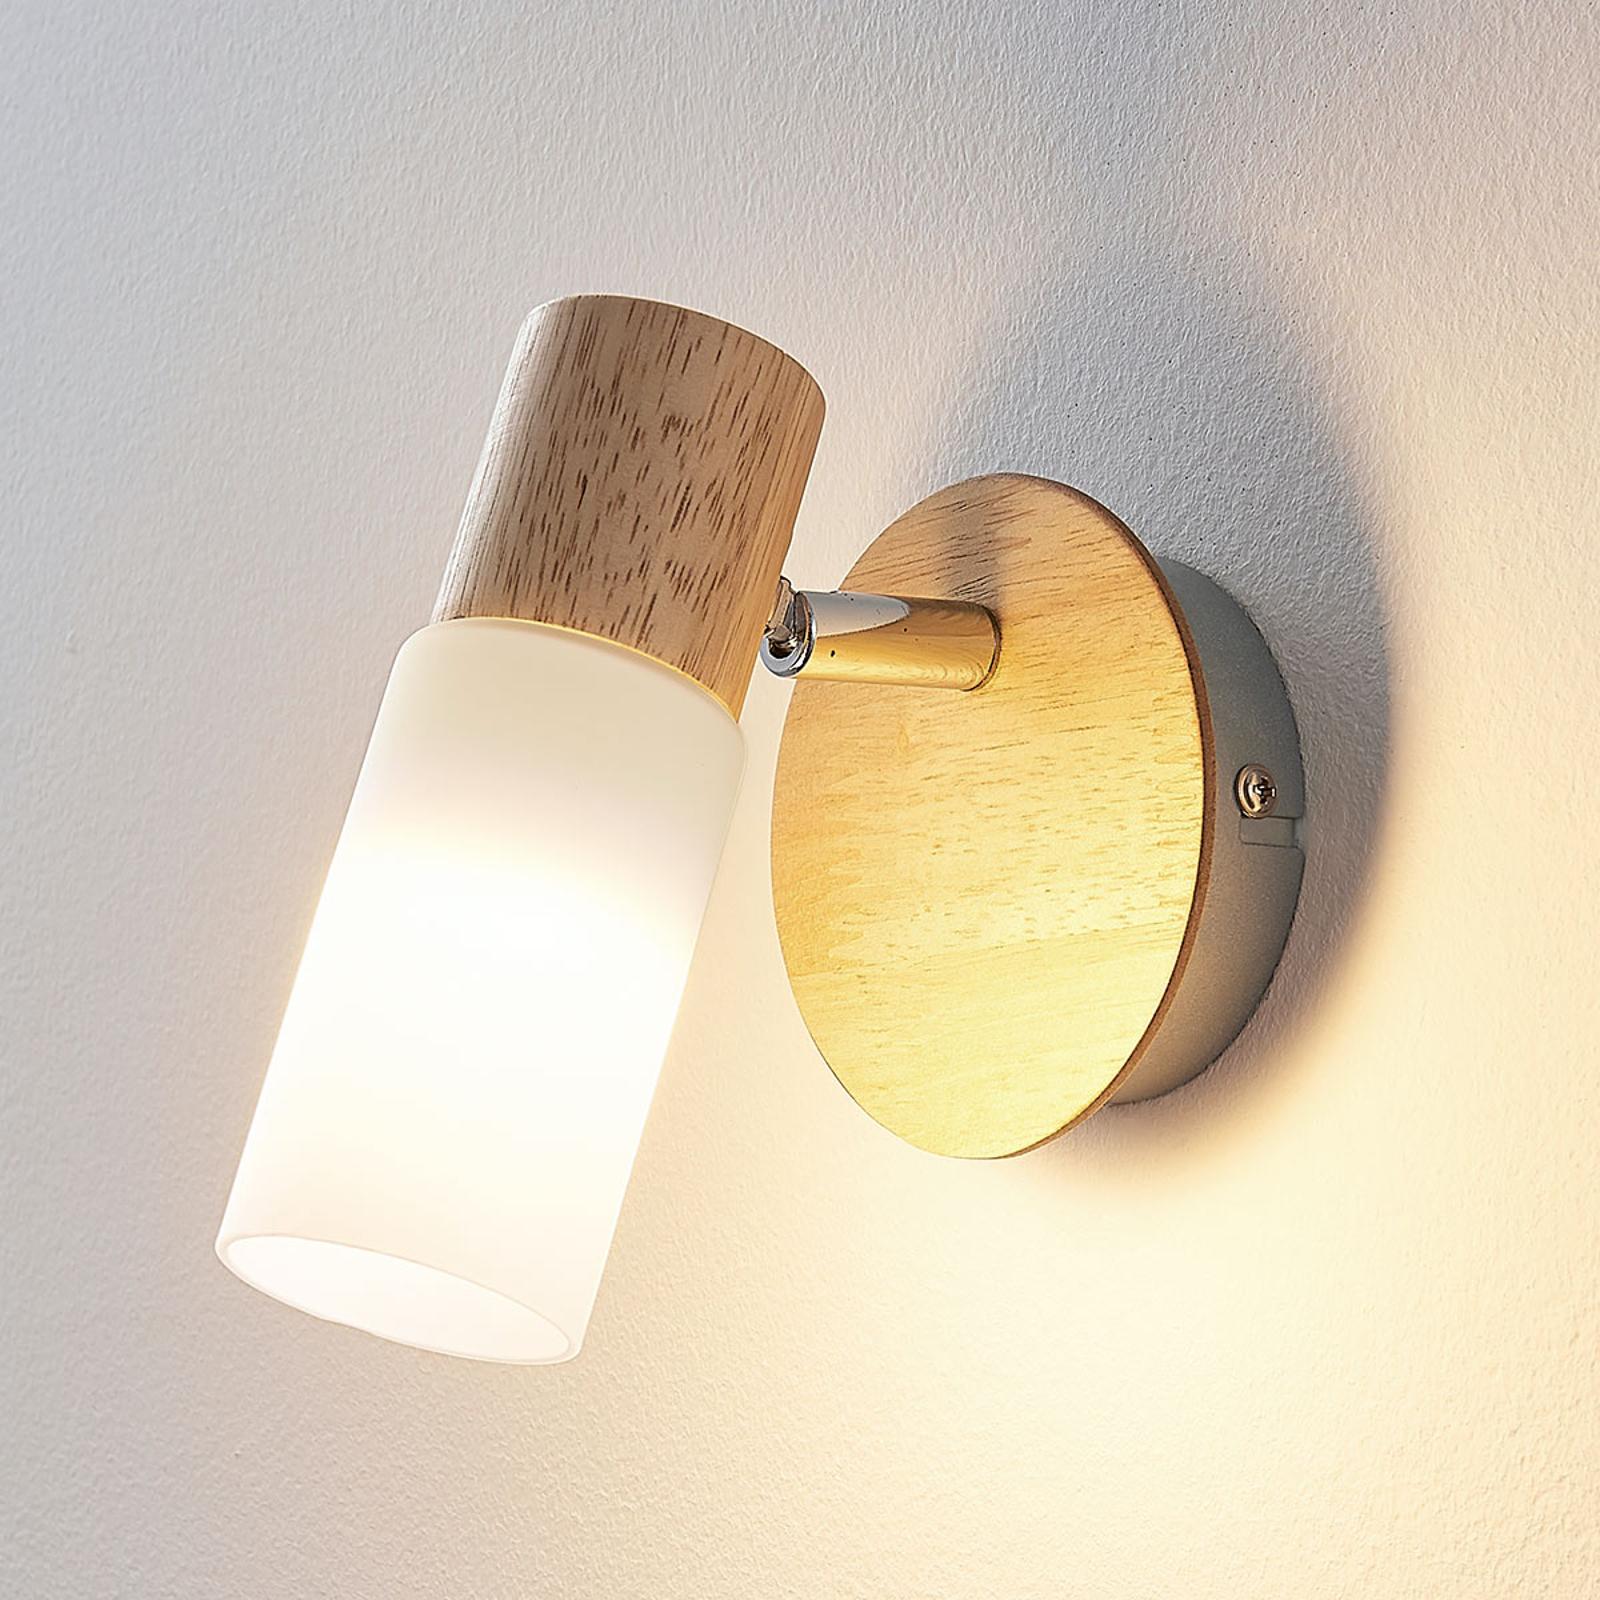 Faretto in legno Christoph con lampadina LED